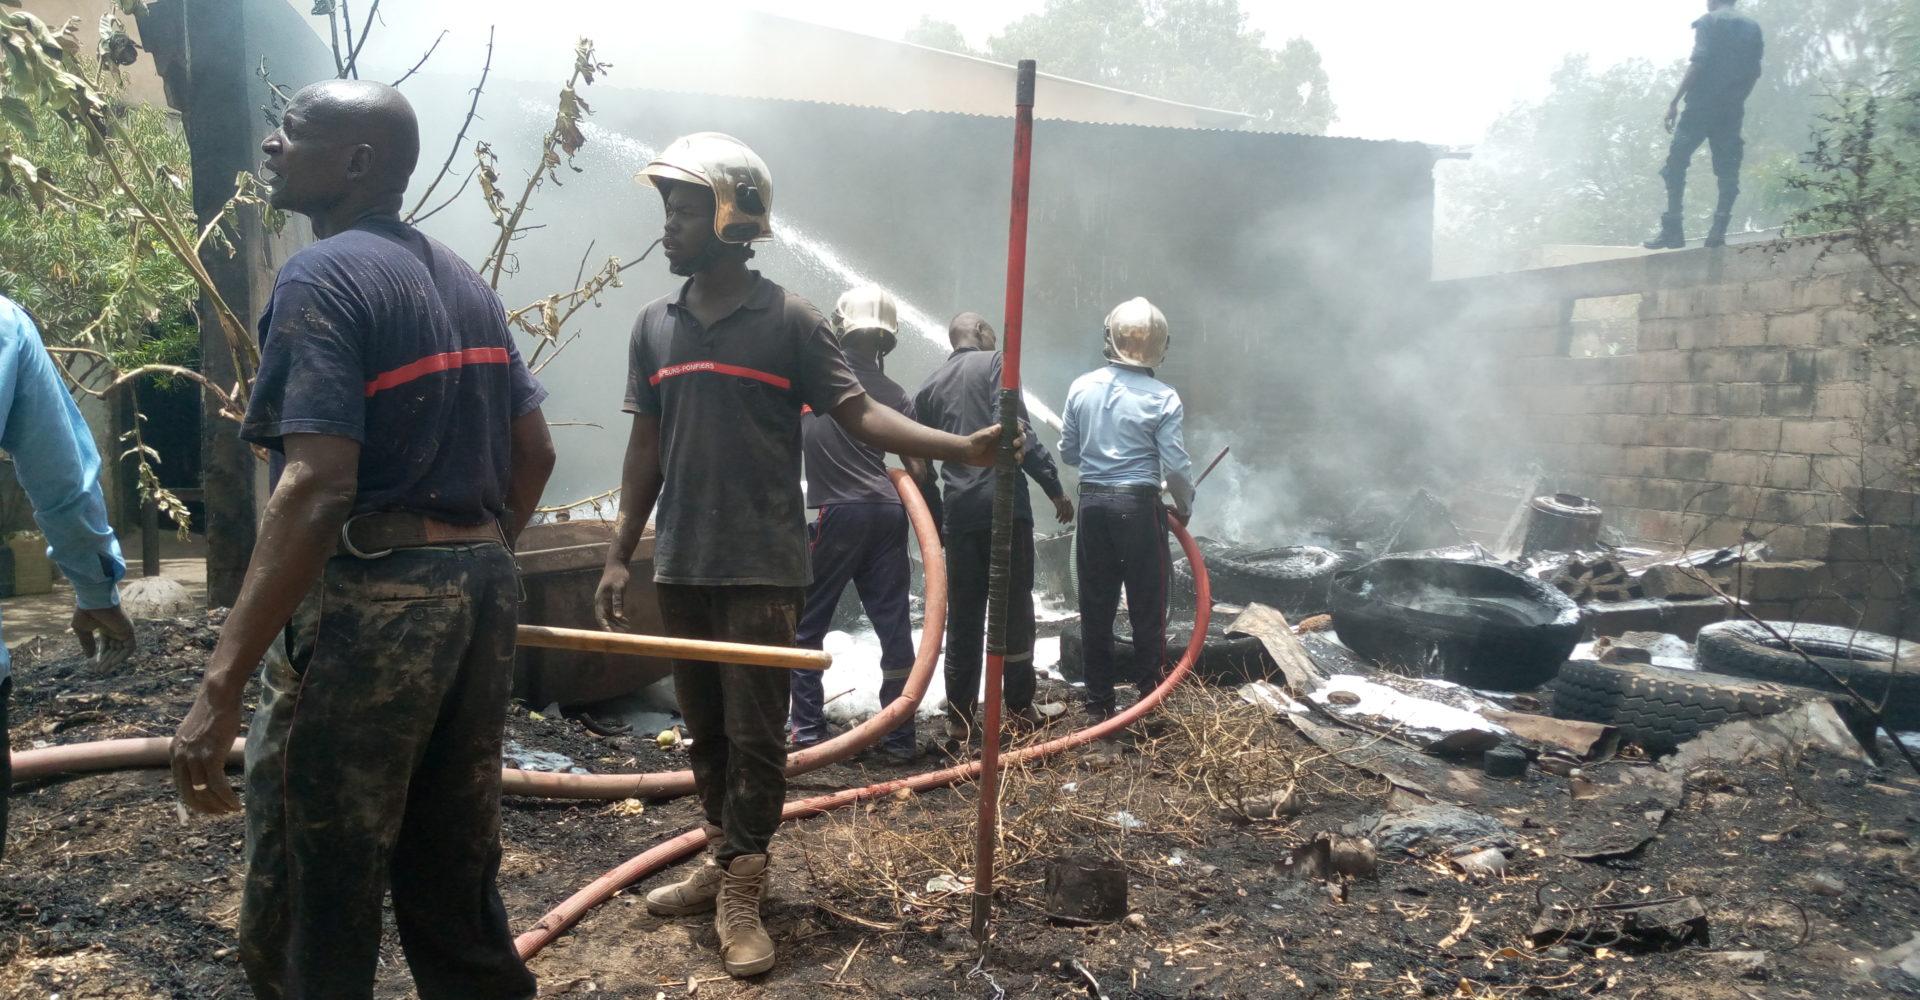 Incendie dans un entrepôt de pneus à Chagoua 1